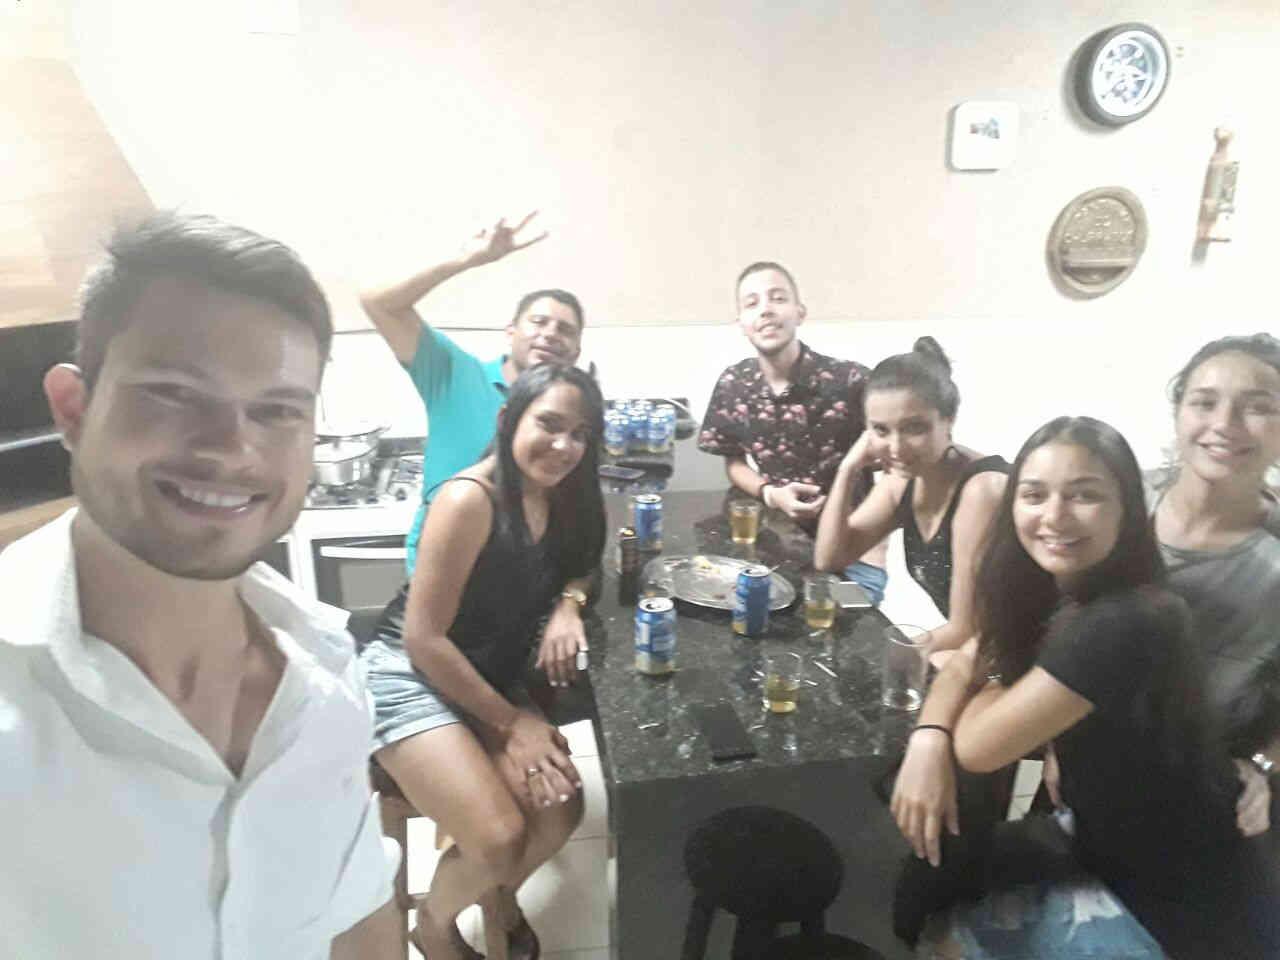 Netas e netos de José Nicolau - Casa da Sônia: 19.01.2018